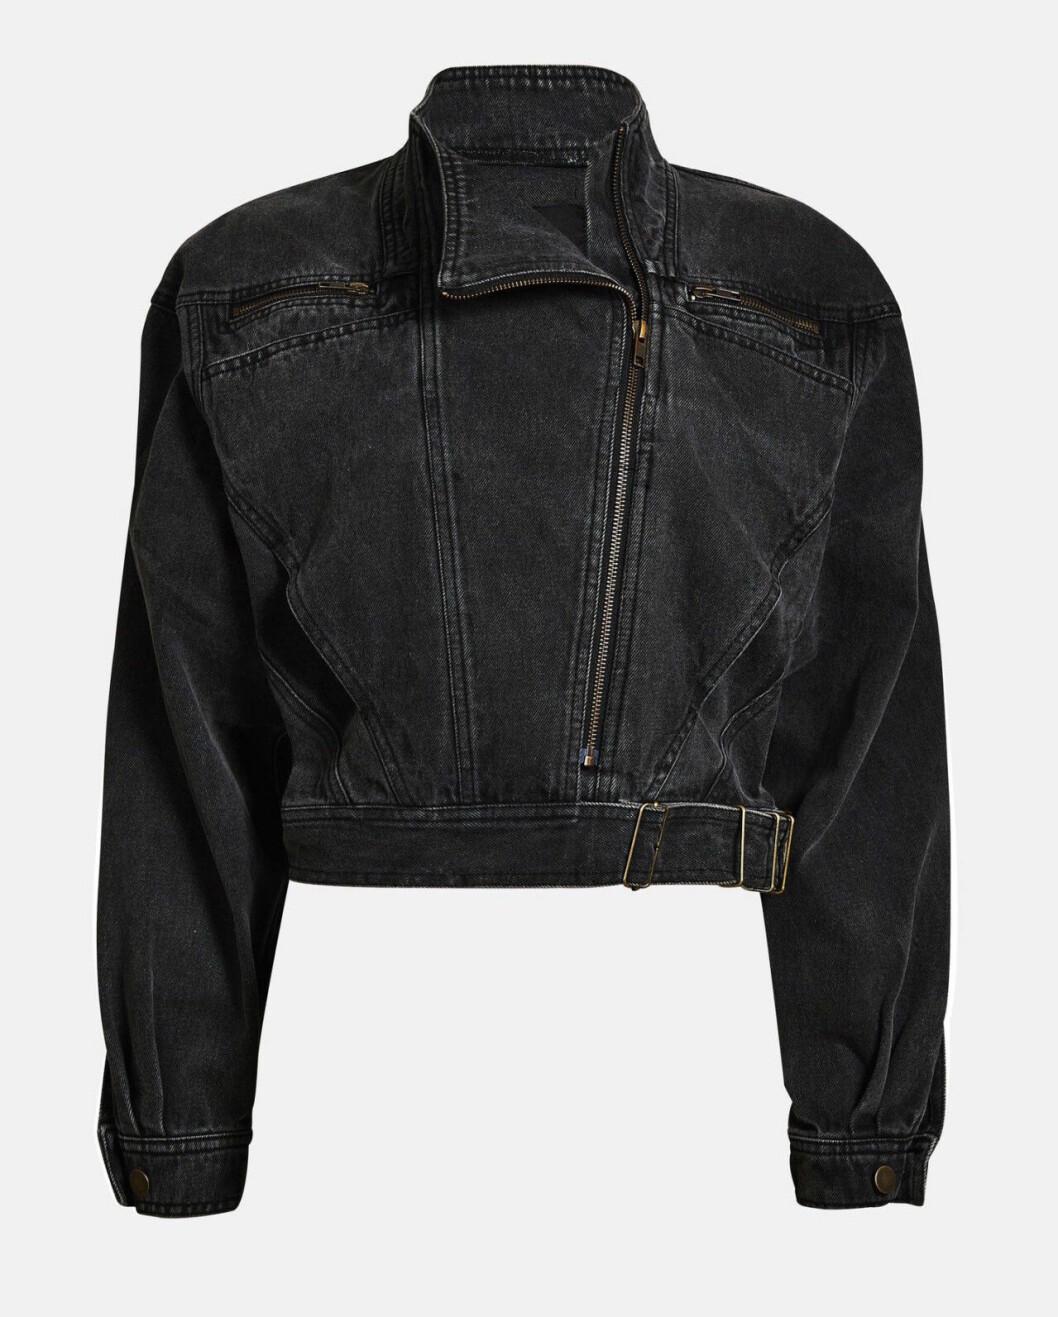 Svart jeansjacka i croppad modell för dam till 2019